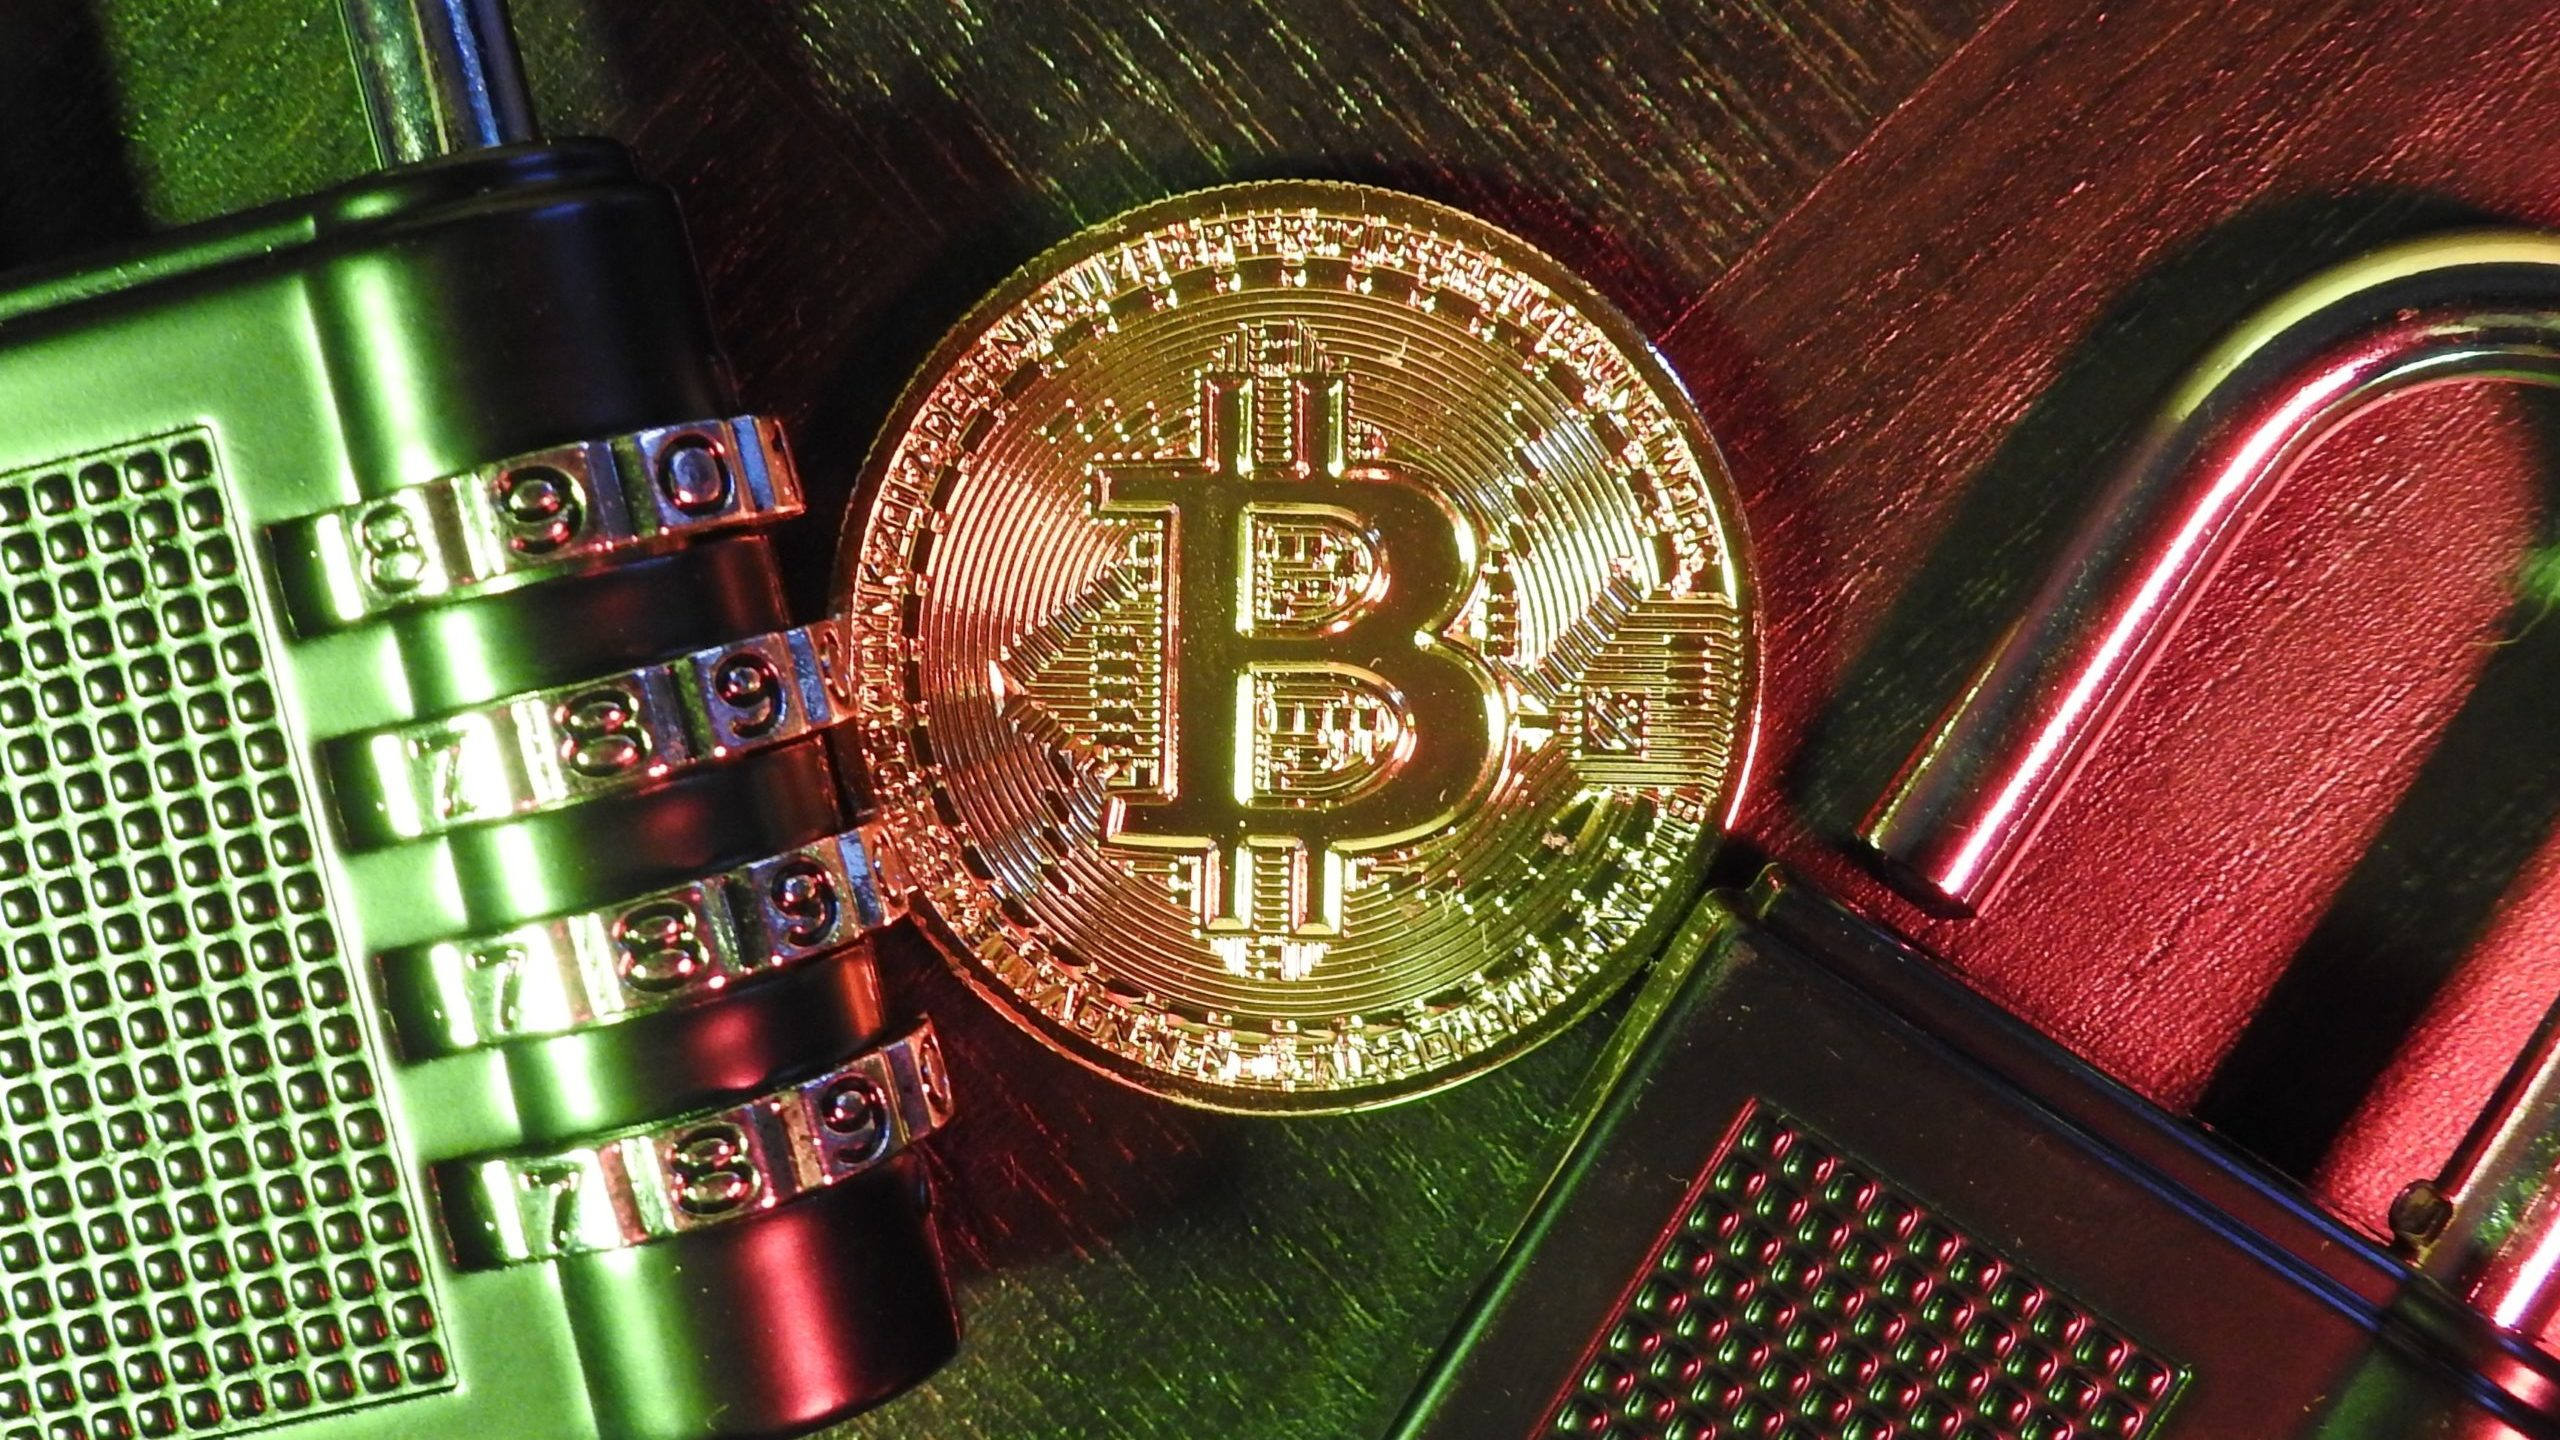 """""""Rei do bitcoin"""" é preso suspeito de desviar R$ 1,5 bilhão em criptomoeda   Finanças"""